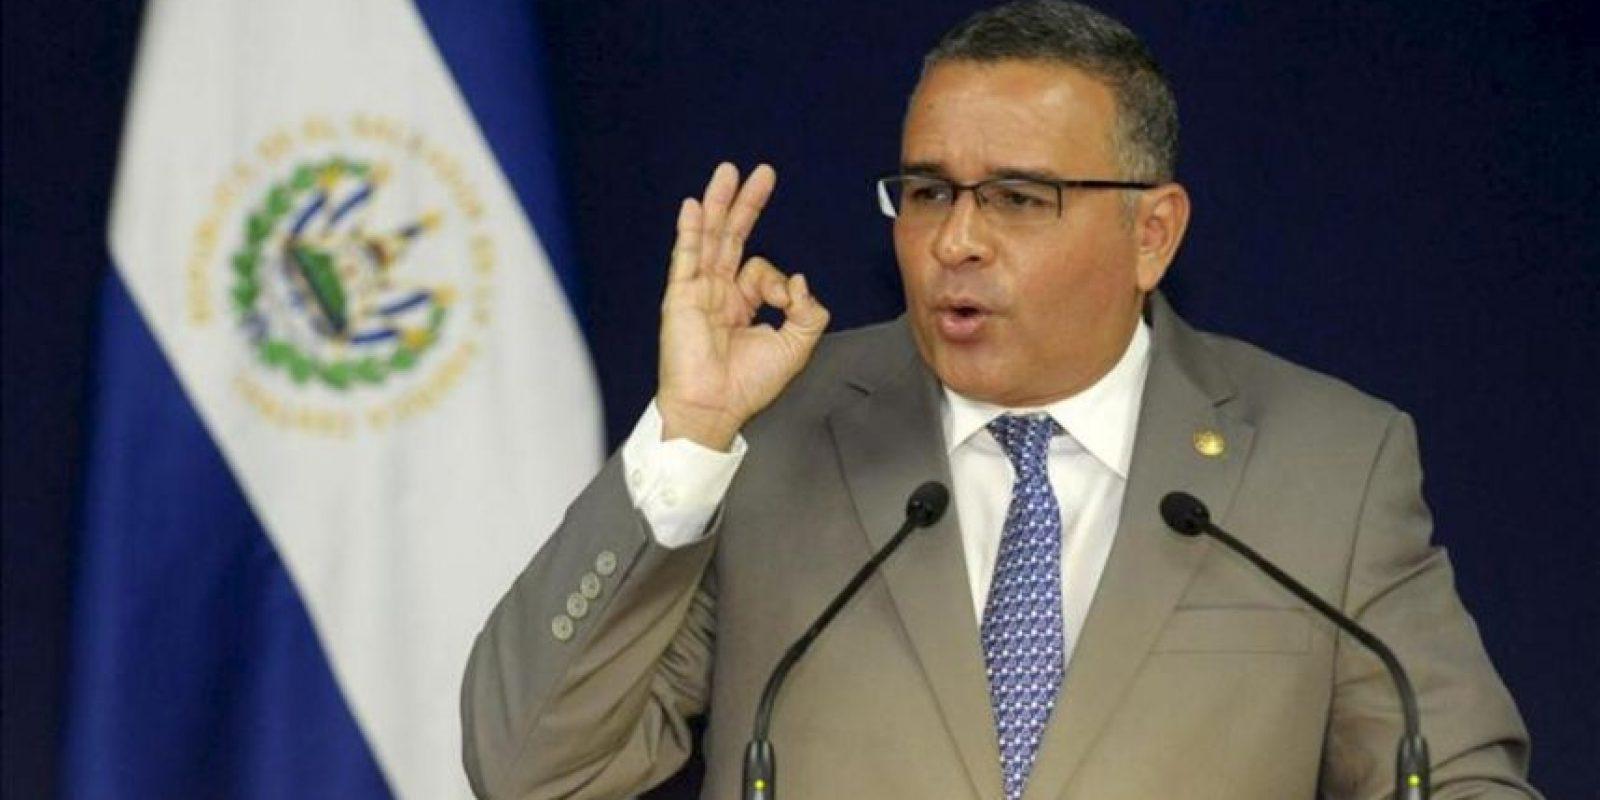 El presidente de El Salvador, Mauricio Funes. EFE/Archivo